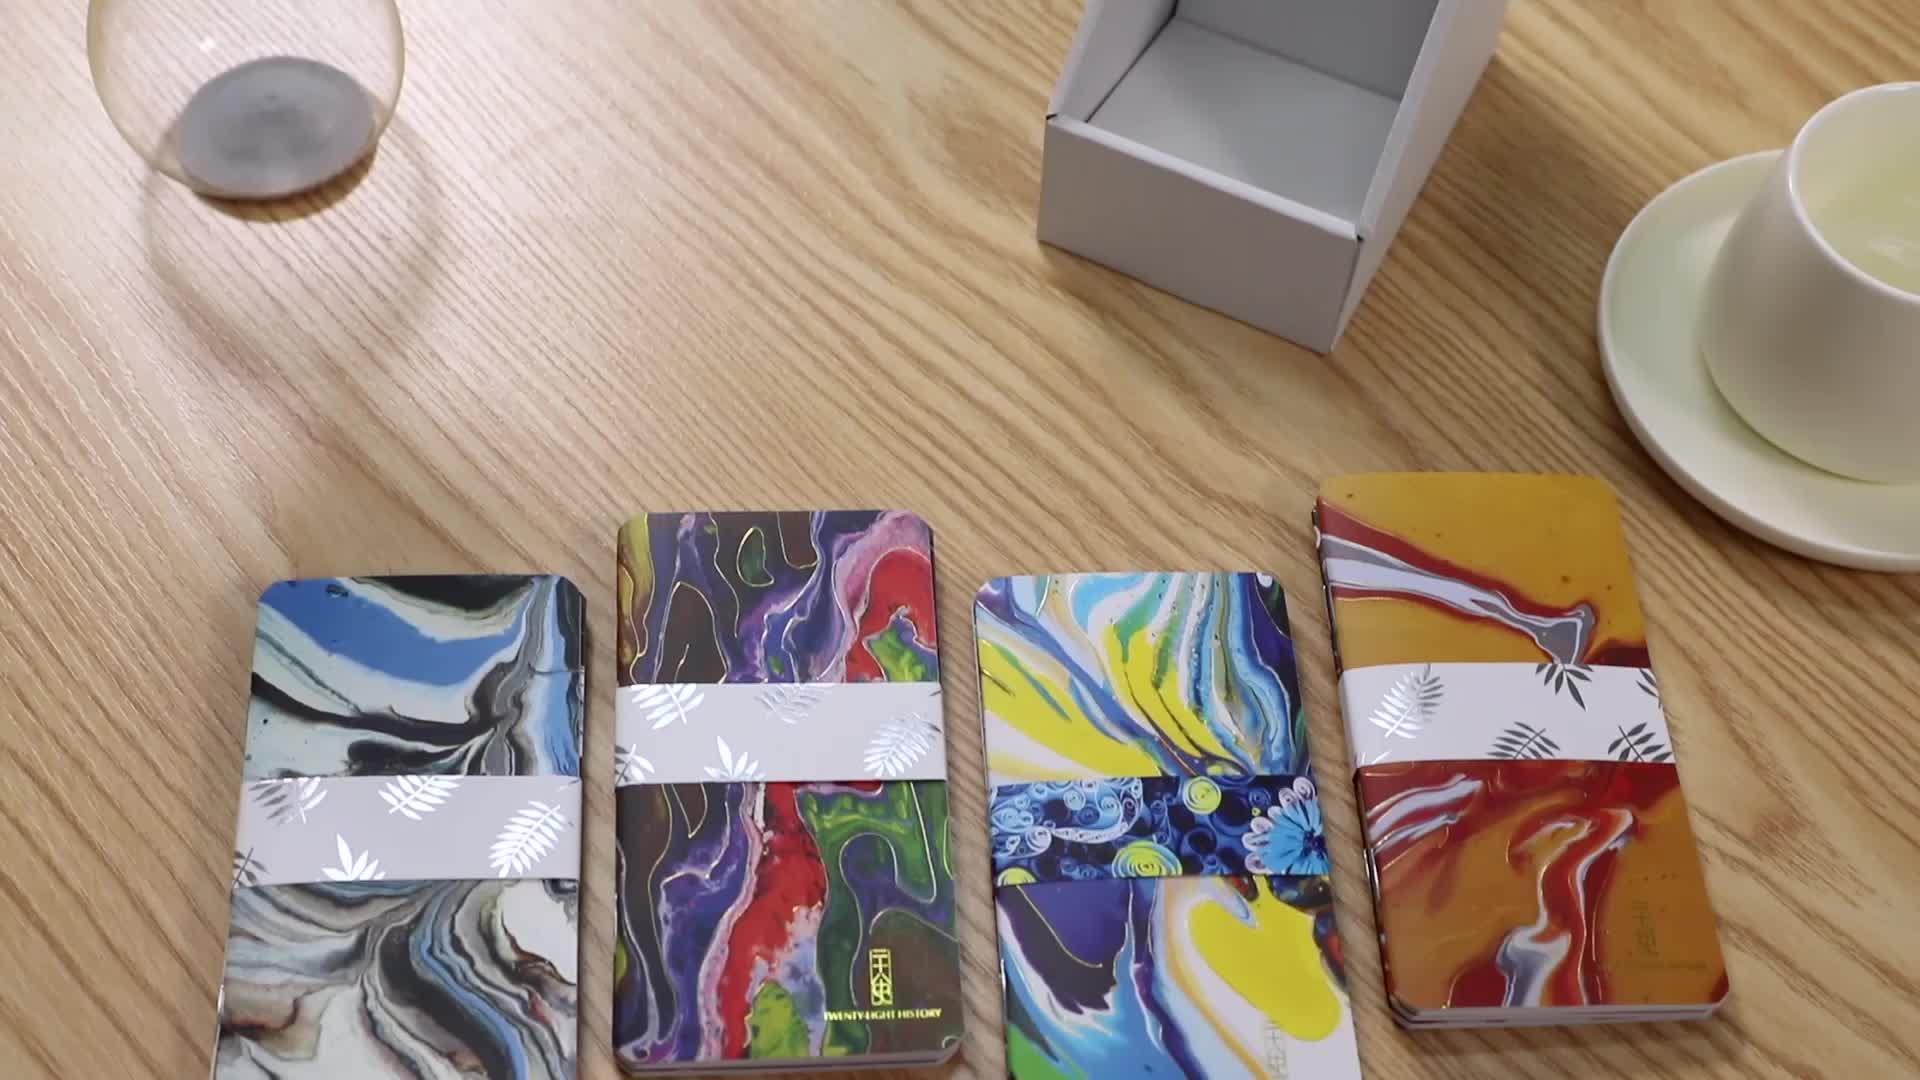 Marmo Della Parete di Carta Copertina Personalizzata Studente Carino Notebook Memo Pad con Il Marchio del Cliente